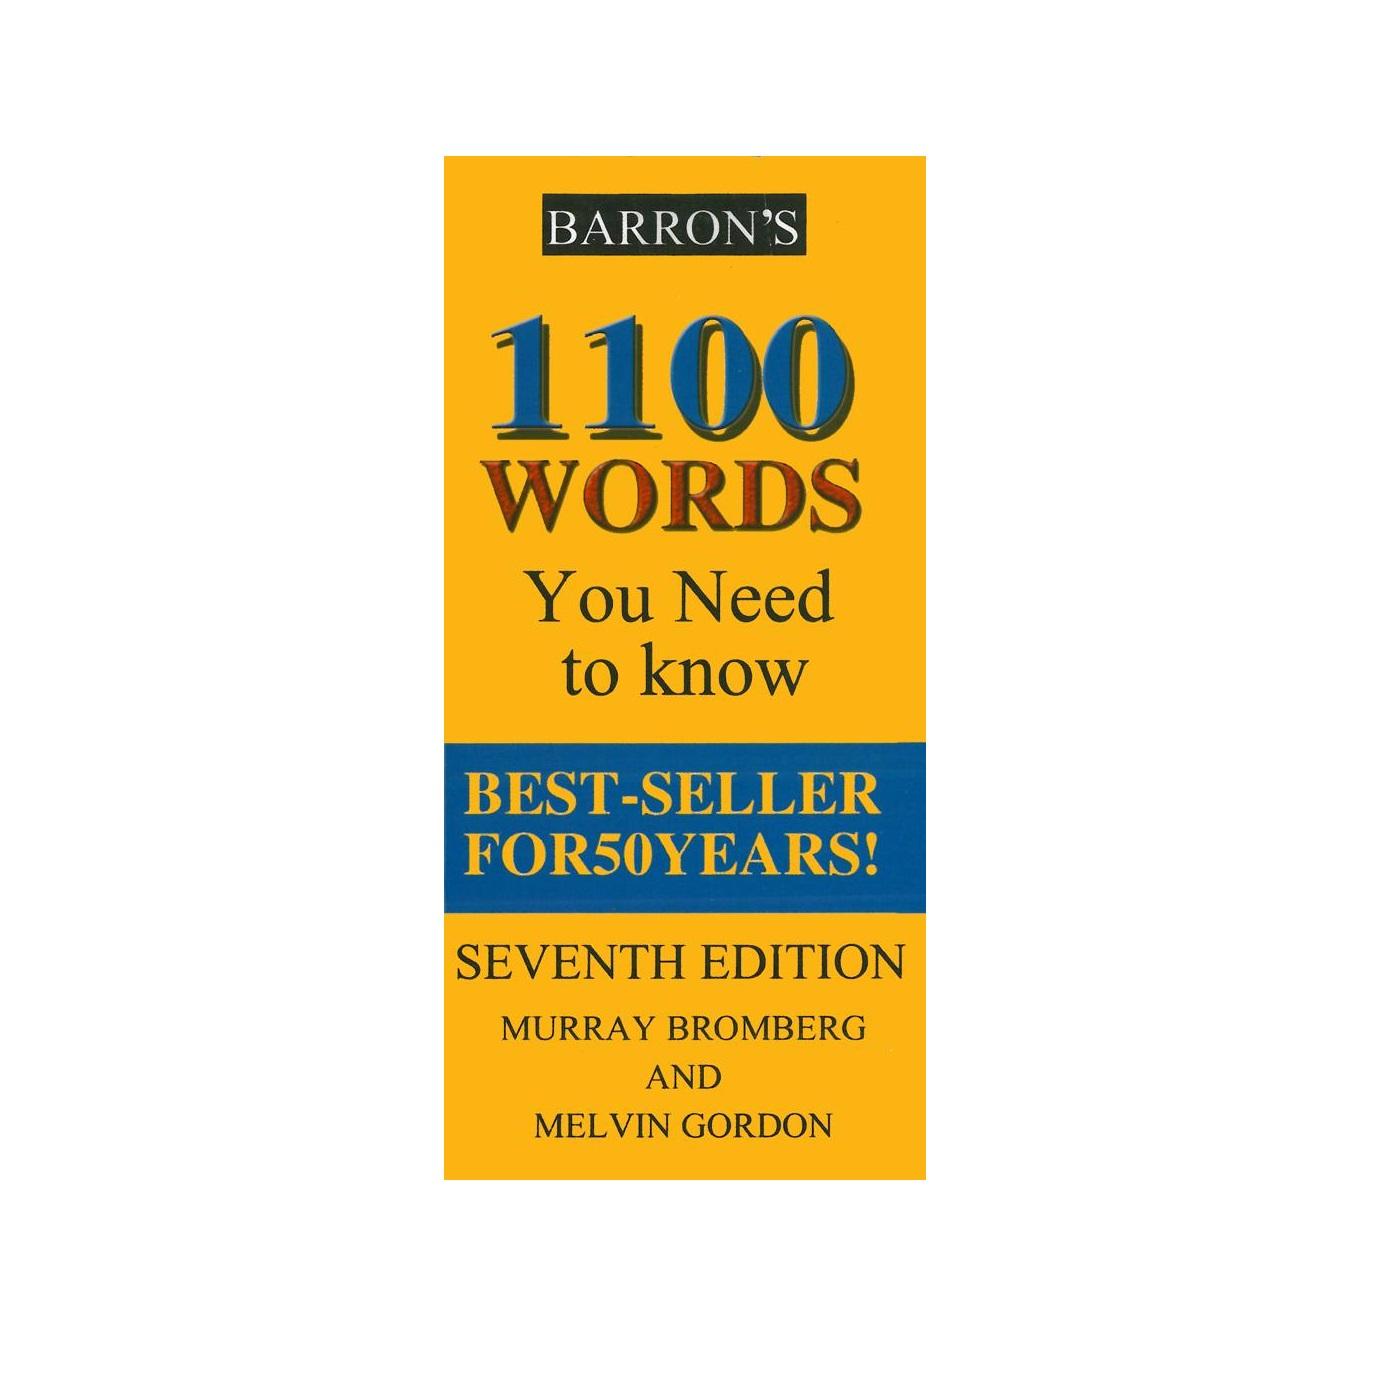 فلش کارت 1100 WORDS You Need to Know انتشارات زبان پژوه